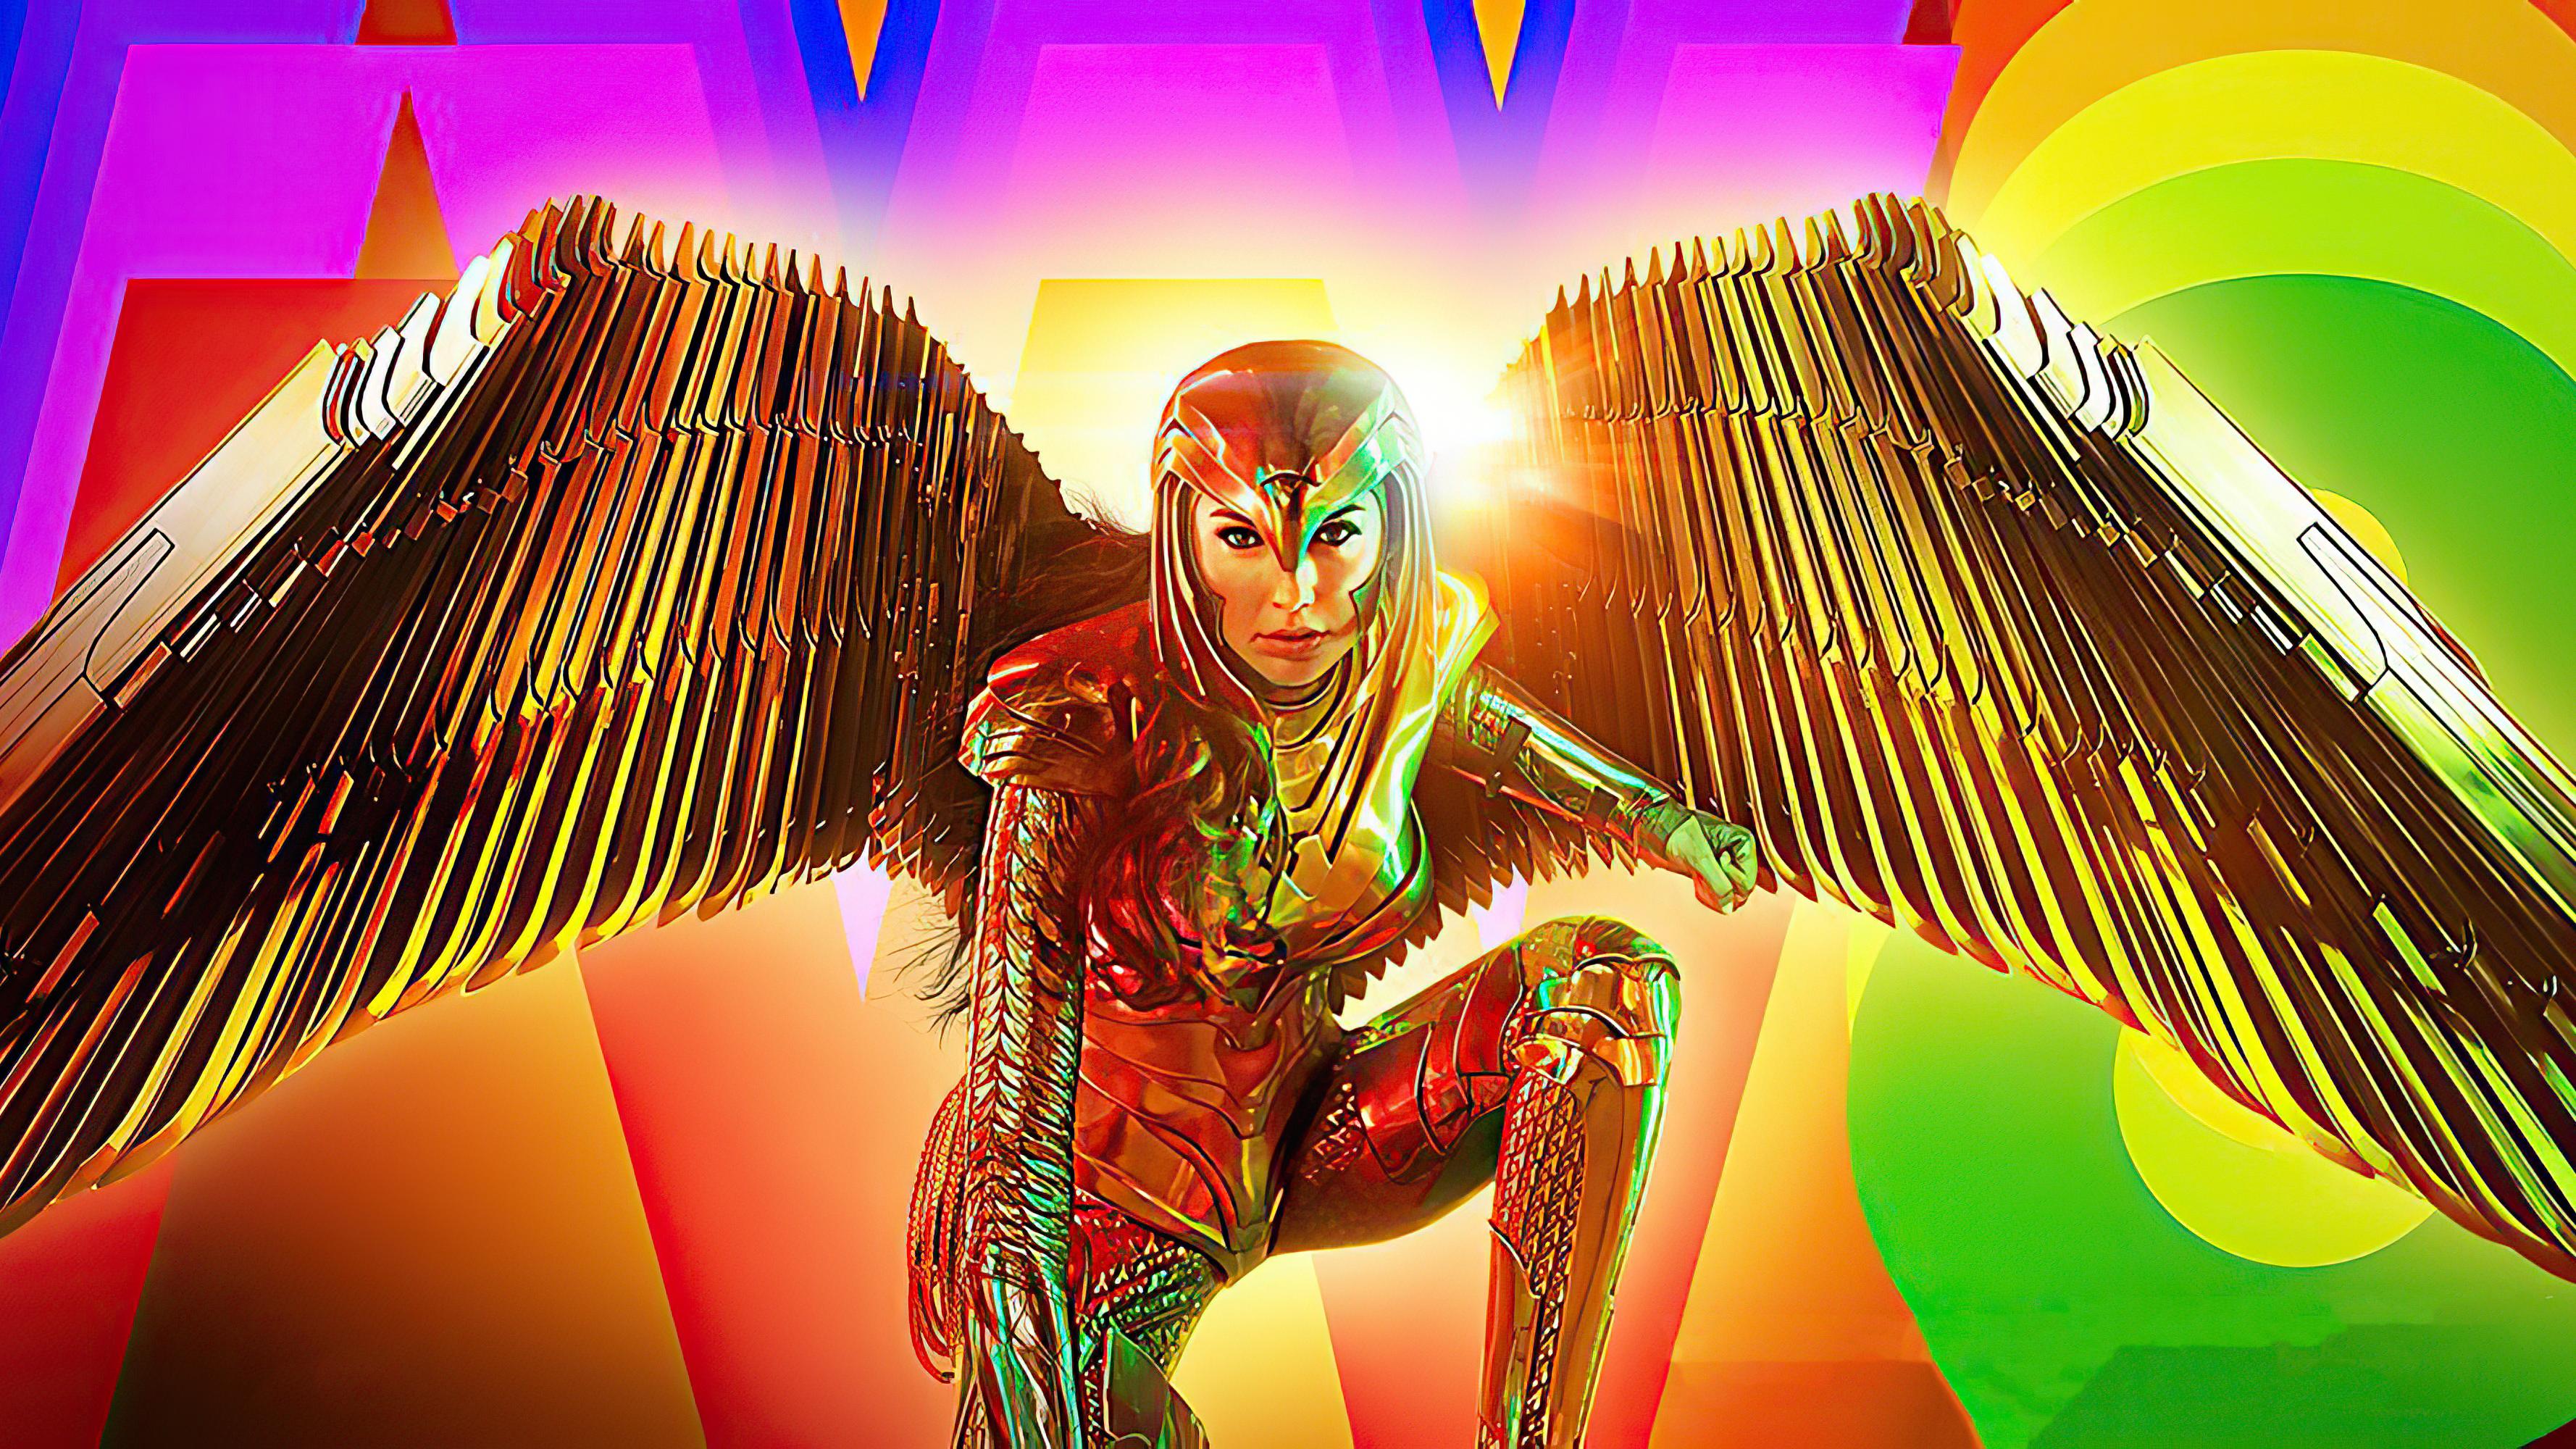 Wonder Woman 1984 4k 2020 Movie, HD Movies, 4k Wallpapers ...